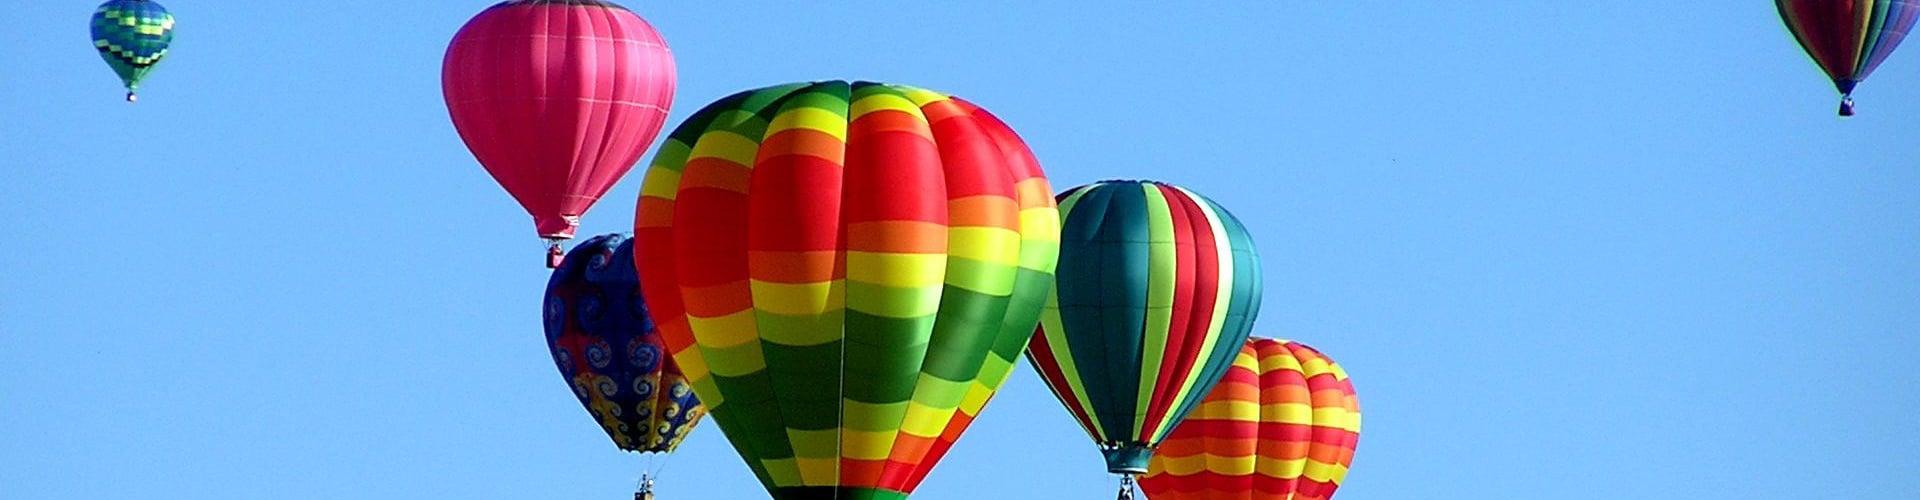 balloon-festival-web